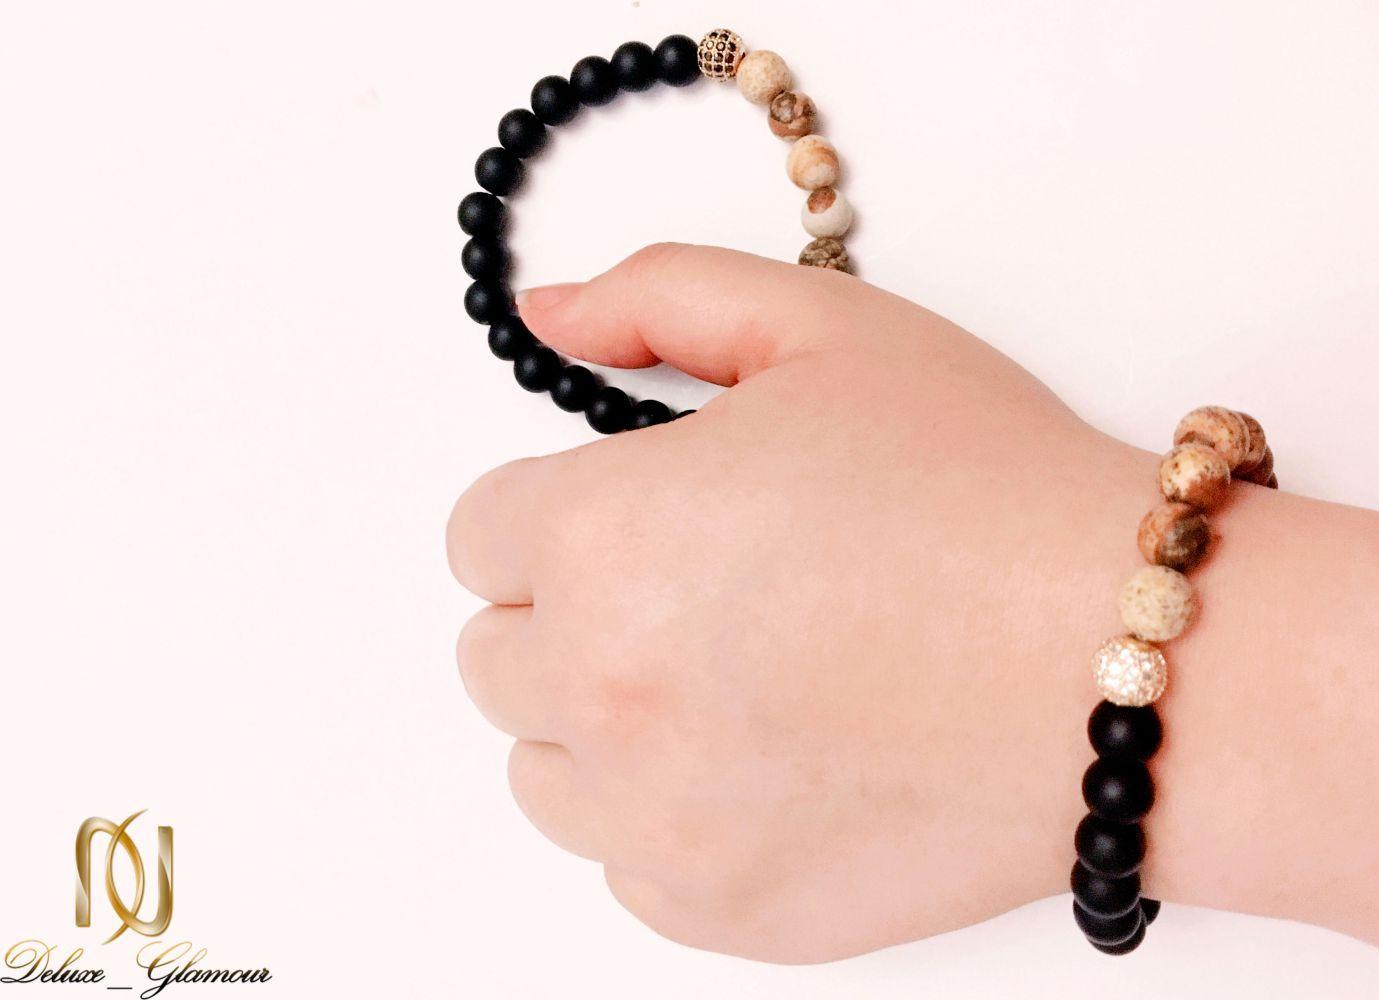 دستبند ست دخترانه و پسرانه سنگ اونيكس و جاسپر ds-n225 از نمای بالا